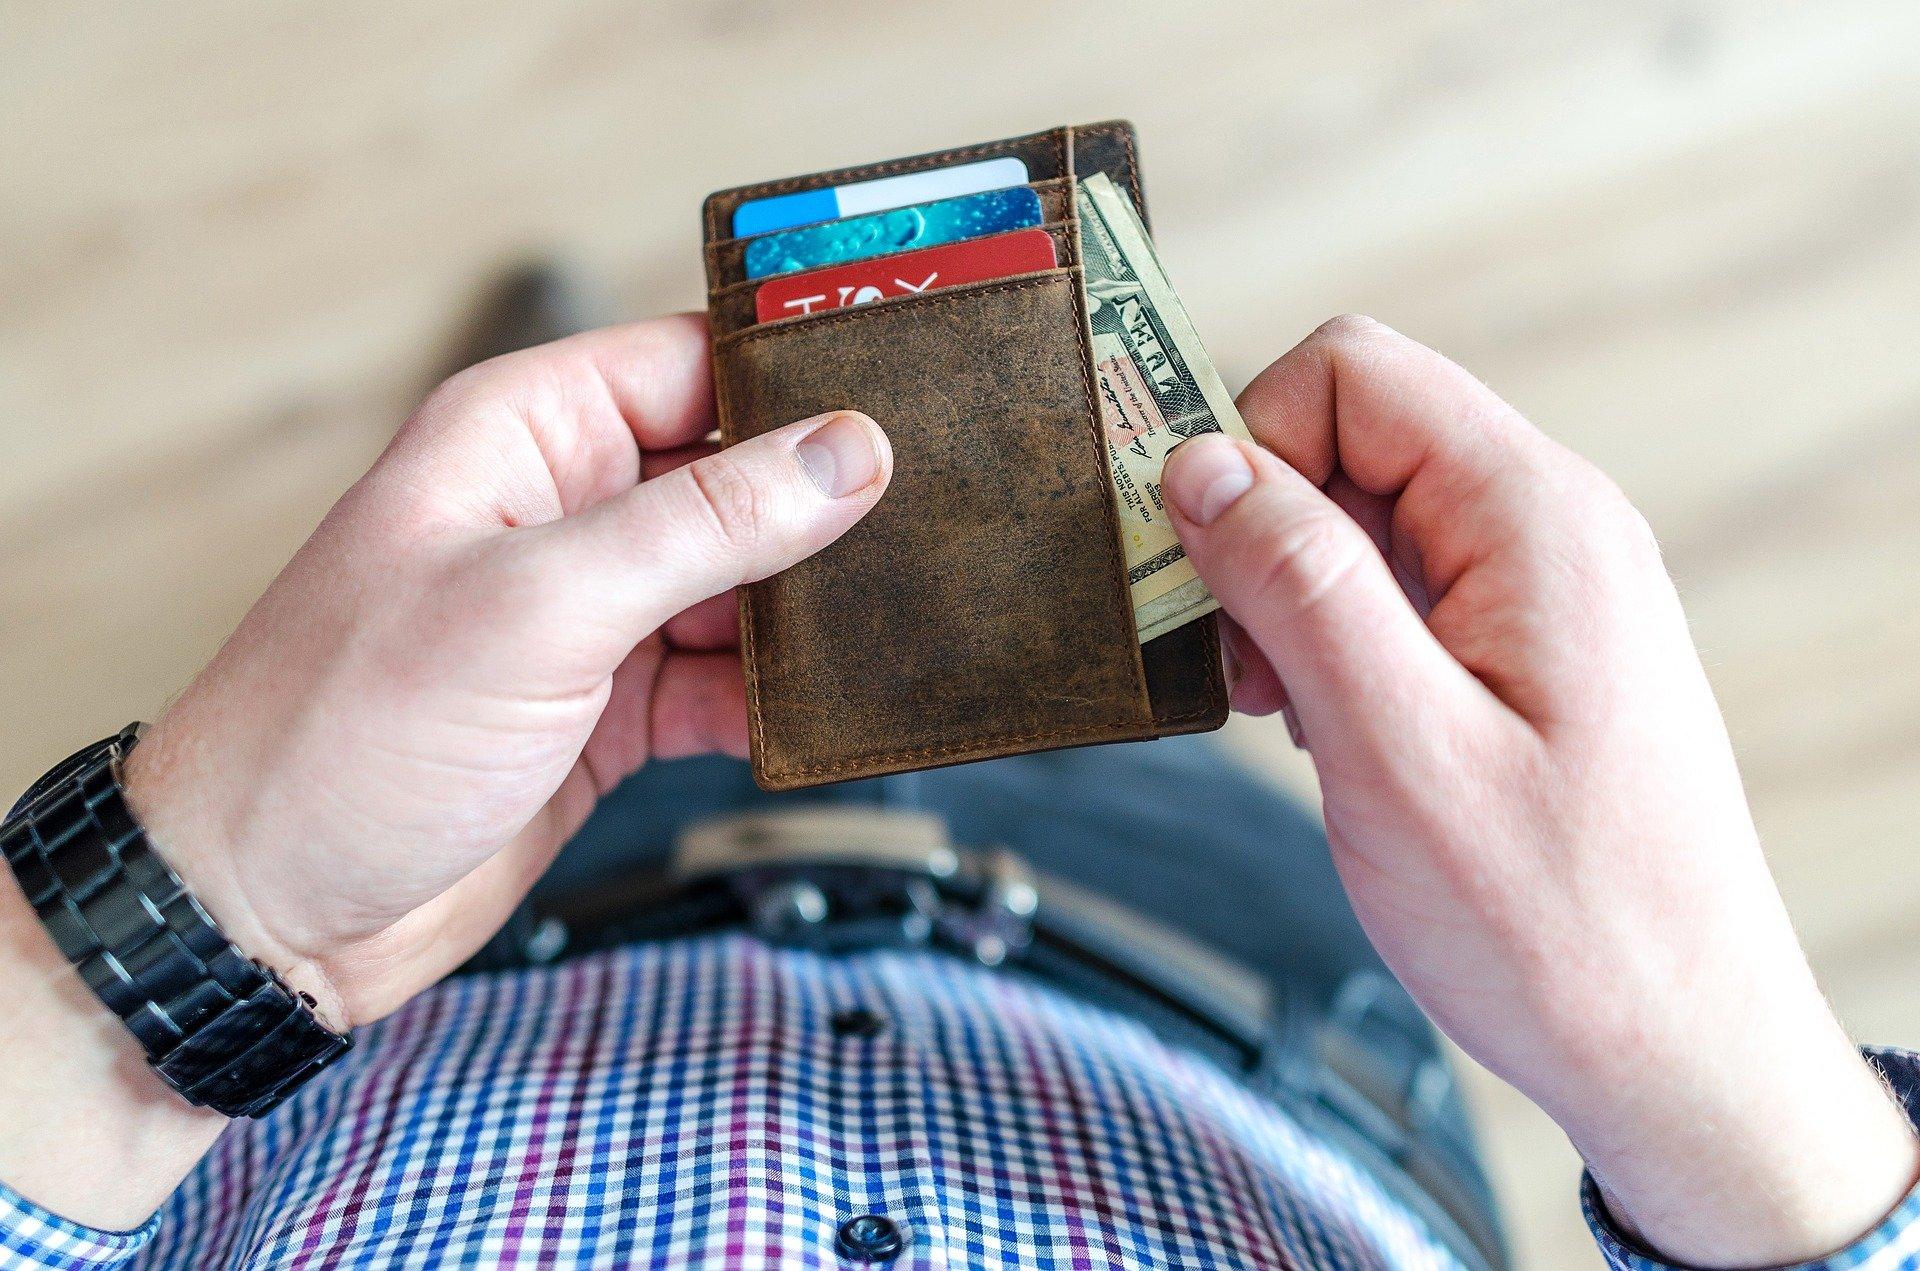 Découverte de la carte prépayée Hello Bank